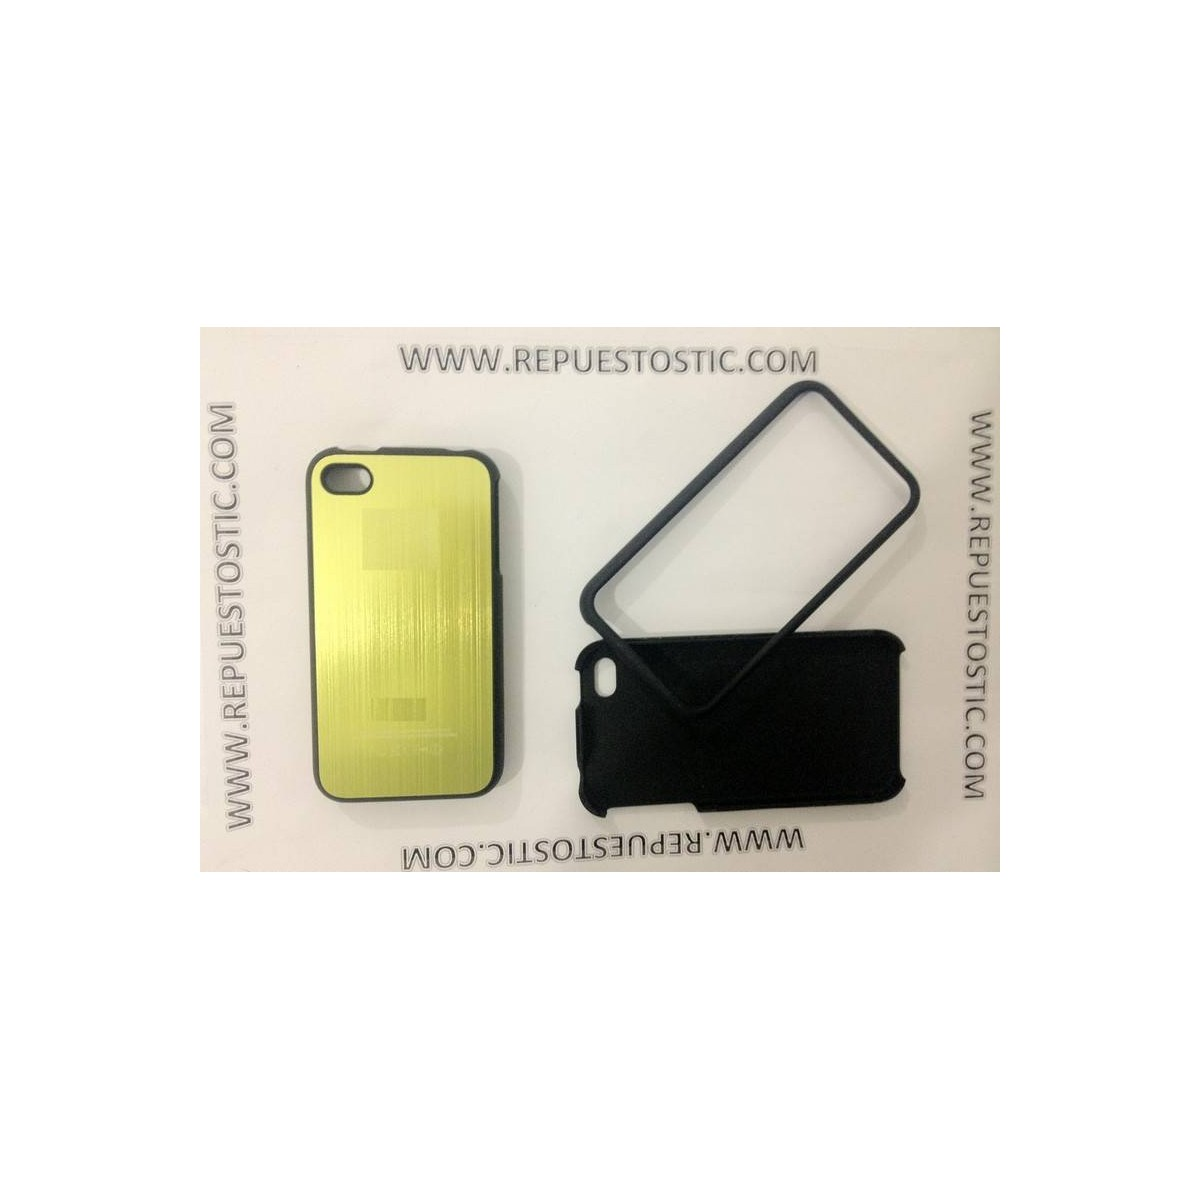 Funda iPhone 4G/S de 2 partes, de metal, color verde